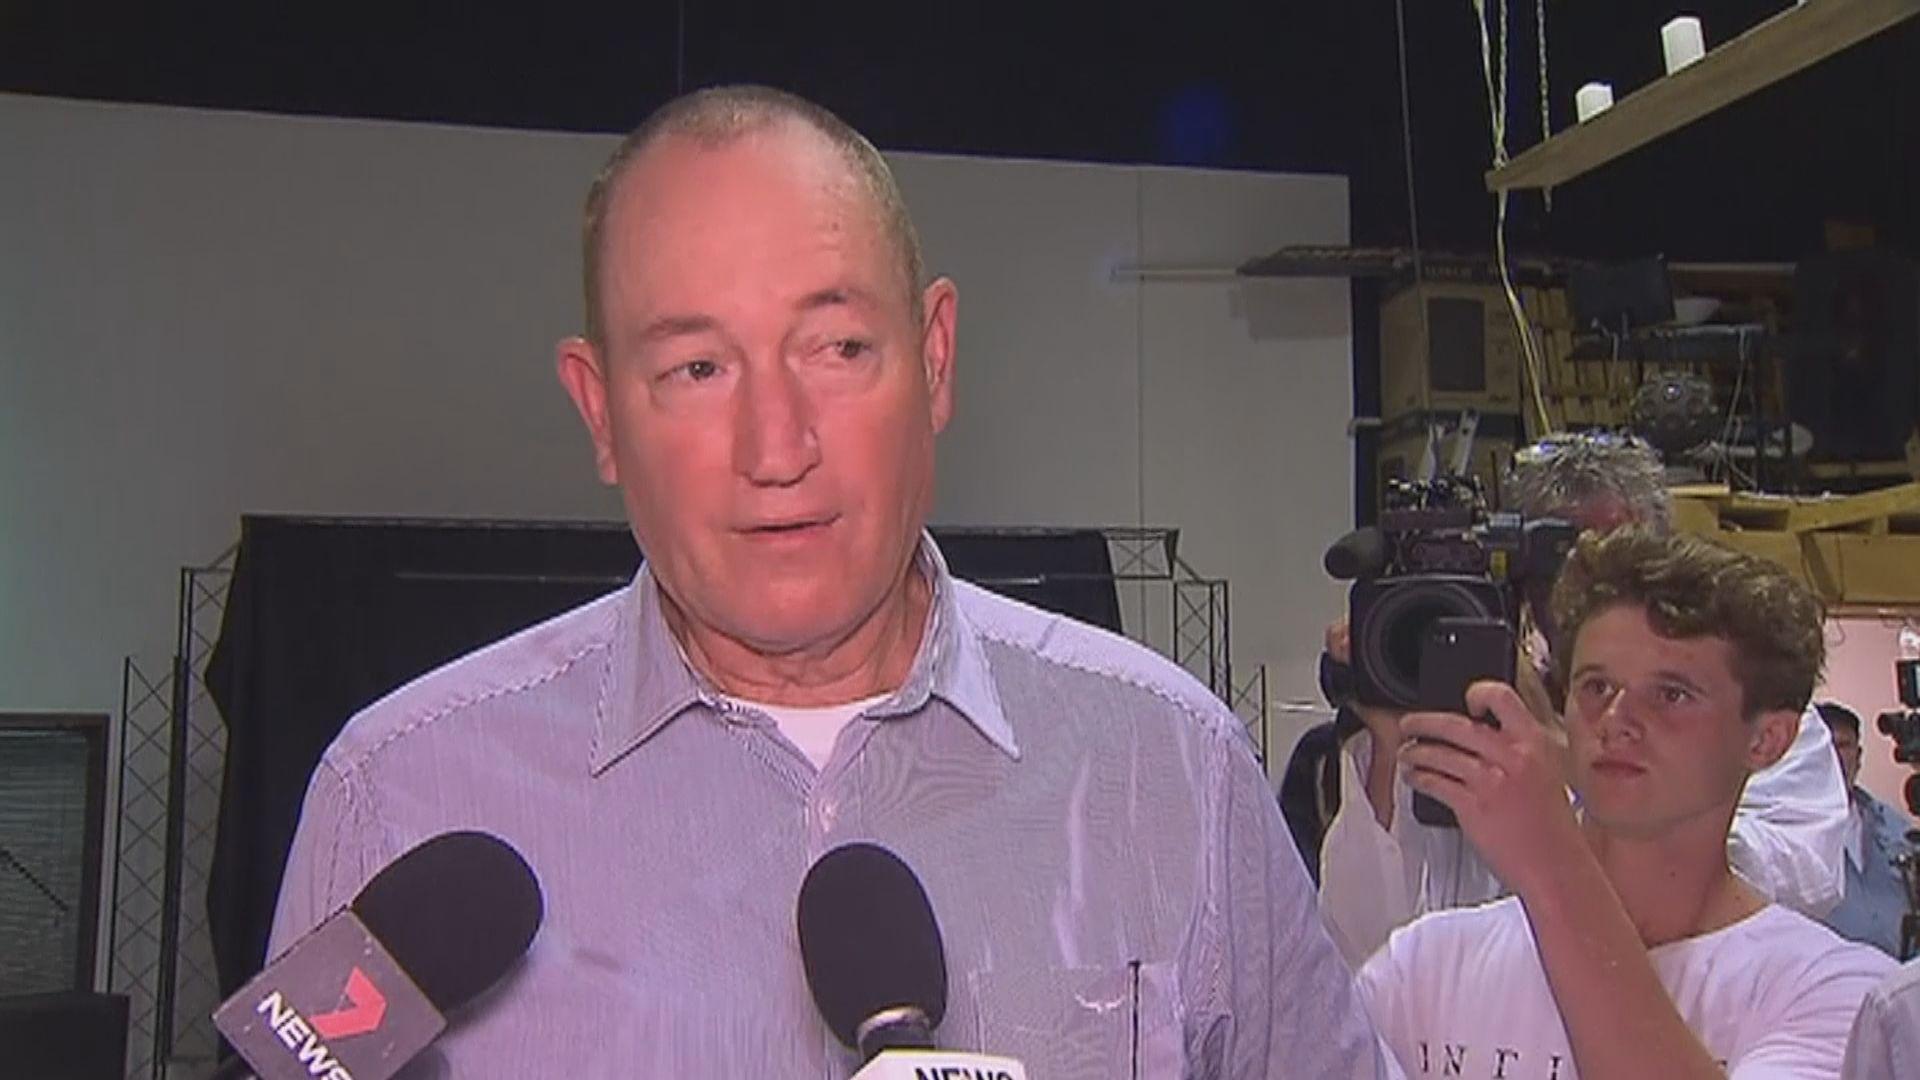 澳洲極右翼參議員遭少年擲雞蛋